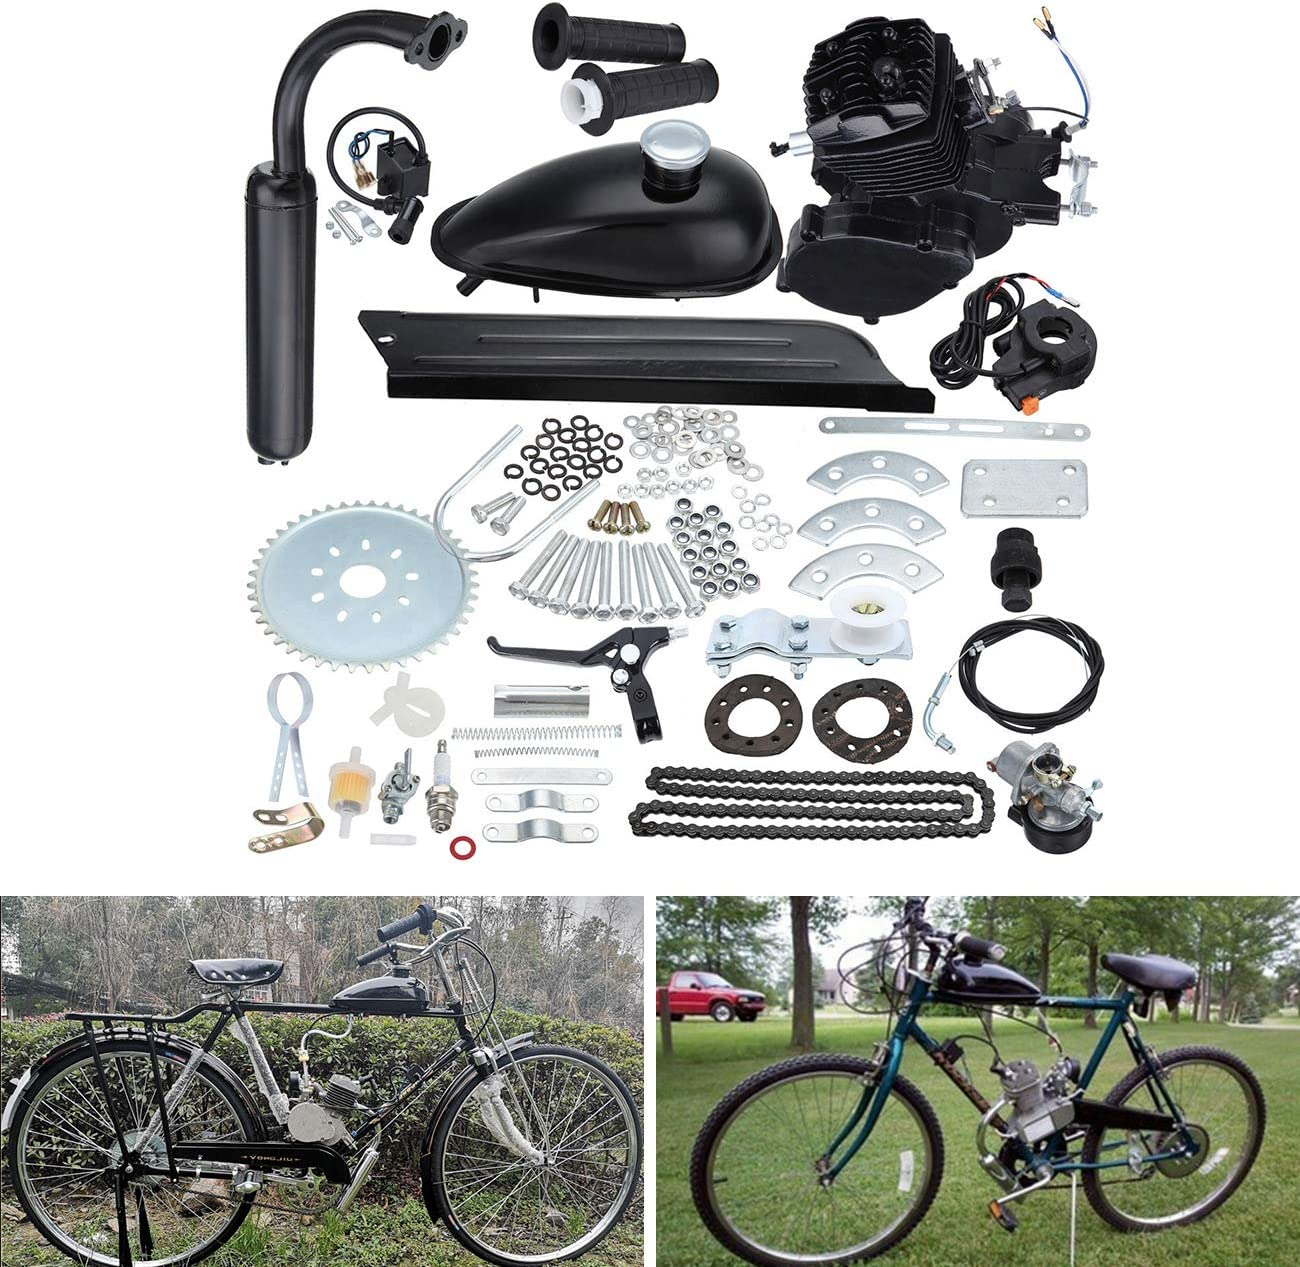 Ambienceo Motor Bicicleta Conversión Kit para Bicicleta Motorizada (80cc Negro): Amazon.es: Deportes y aire libre